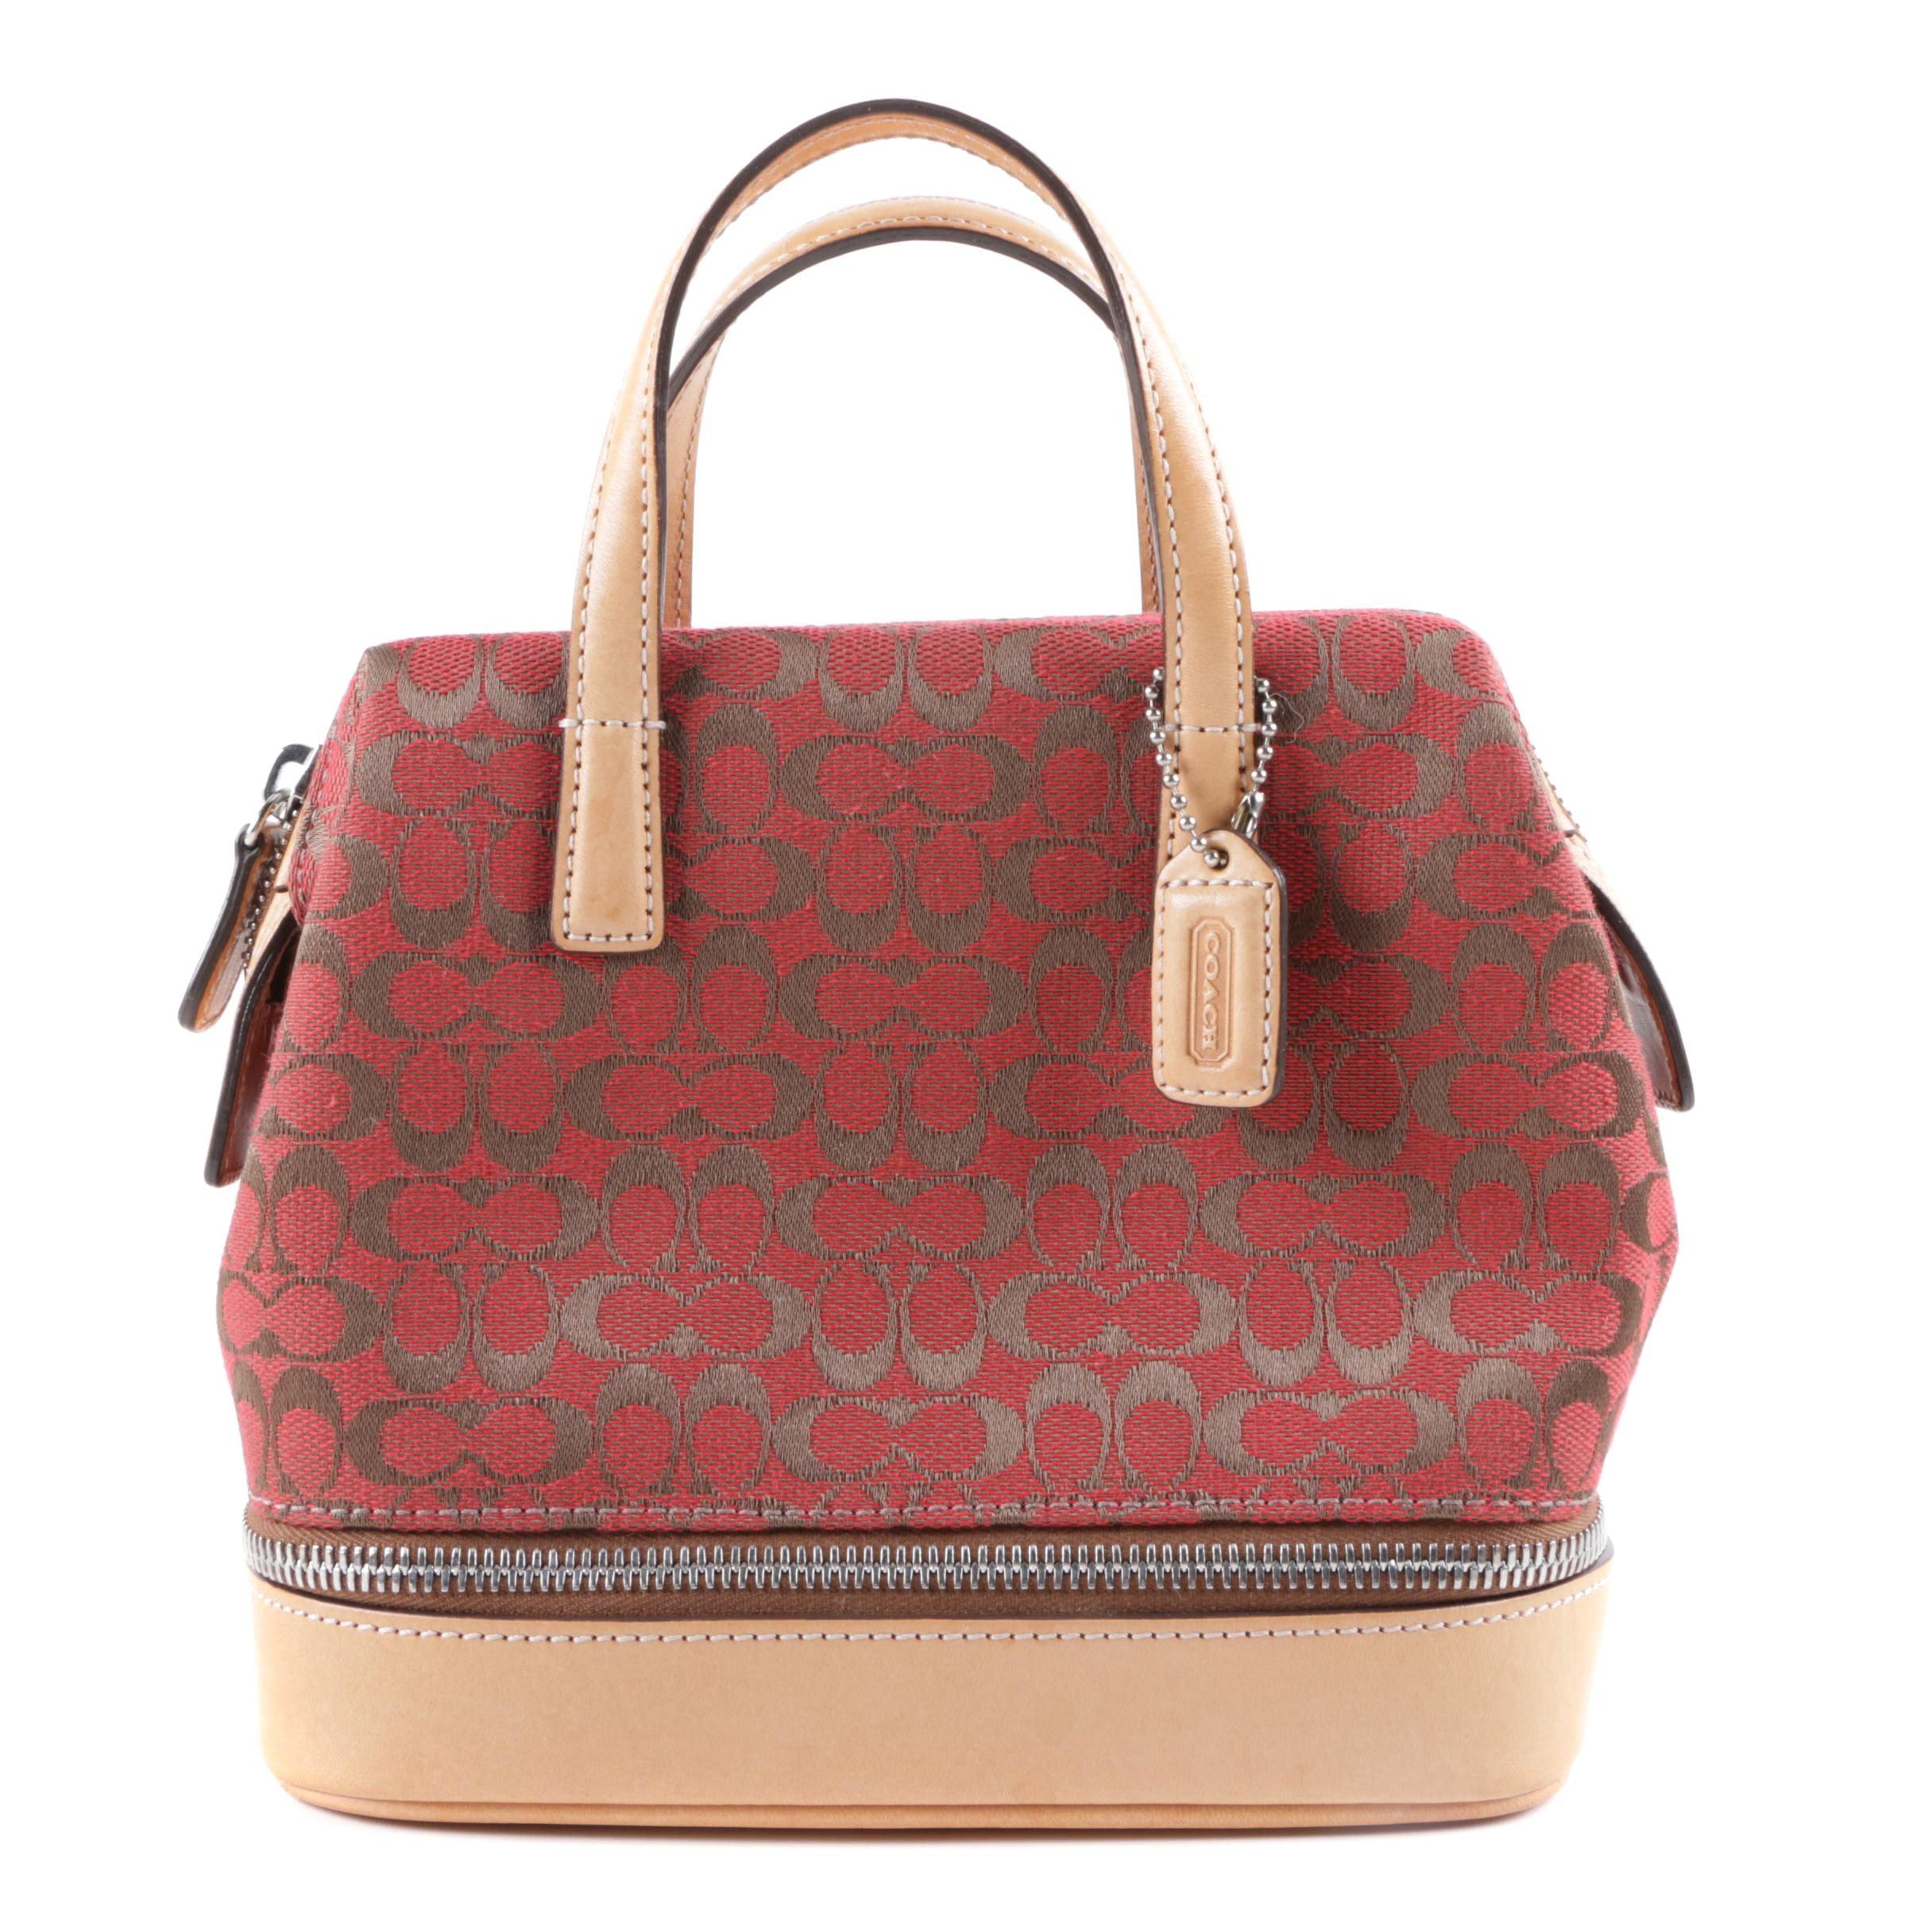 Coach Mini Signature Canvas Handbag